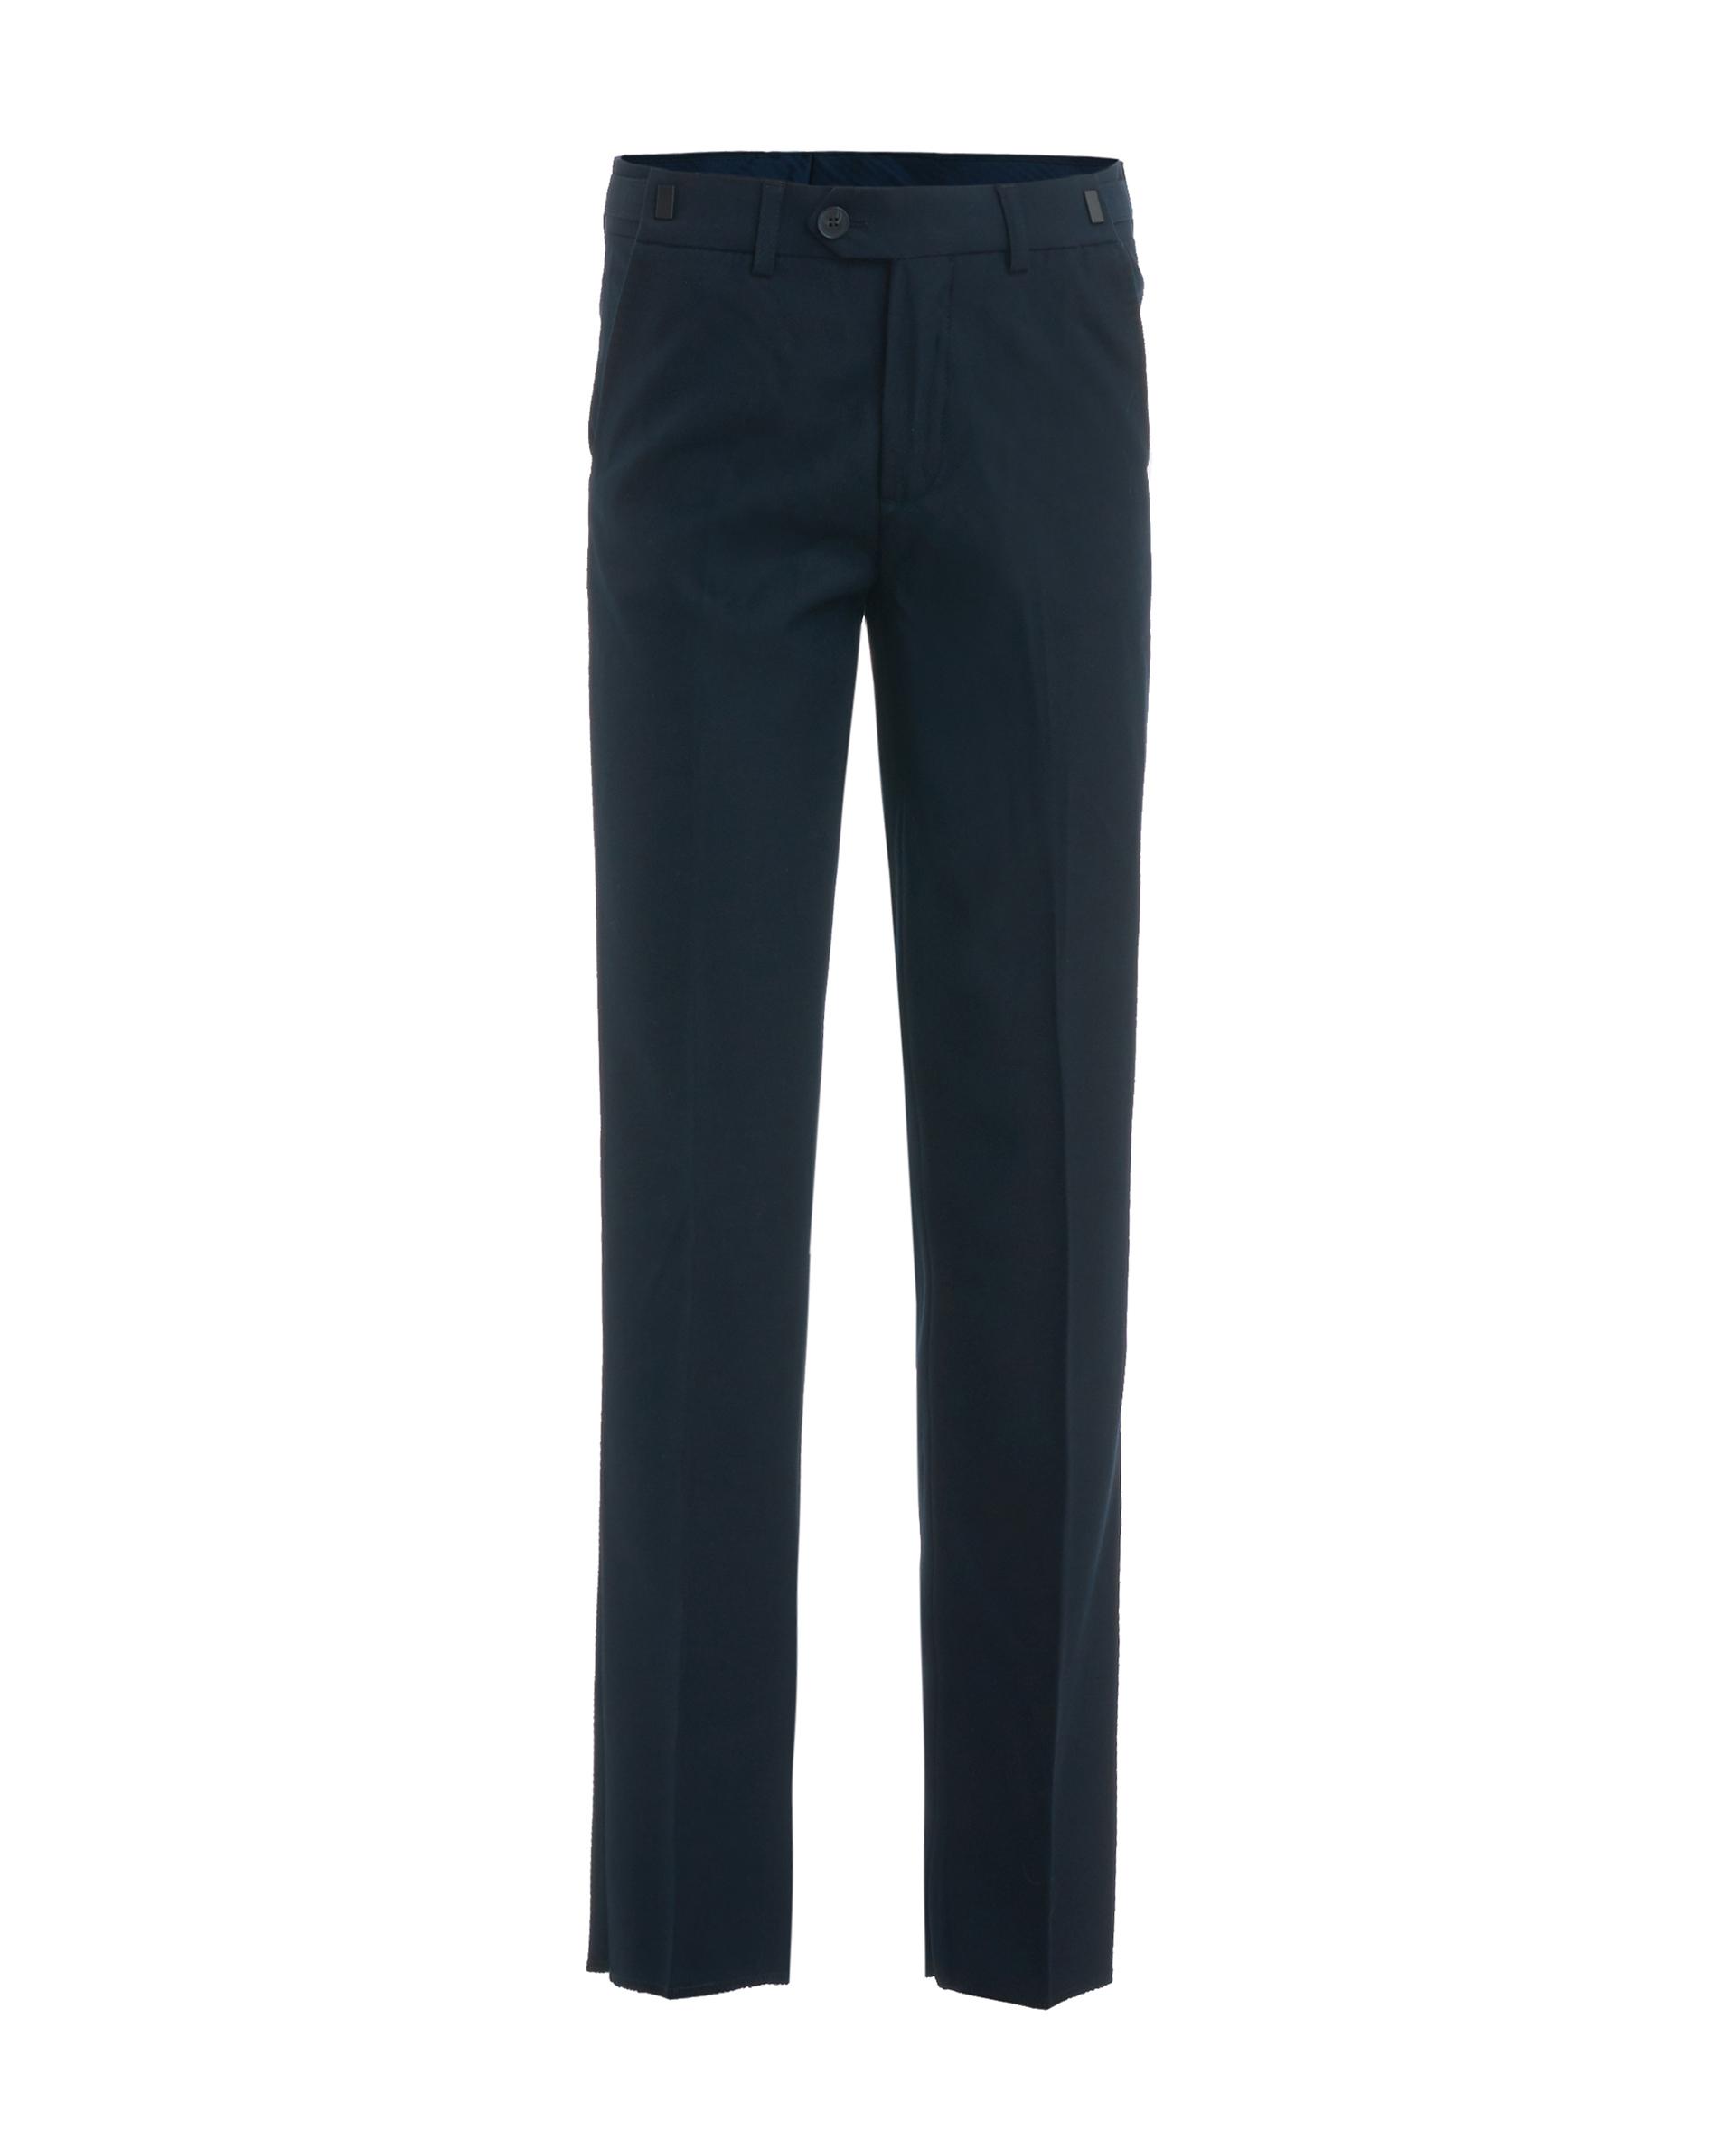 Купить 219GSBC6302, Синие брюки Gulliver, синий, 128, Мужской, ШКОЛЬНАЯ ФОРМА 2019-2020 (shop: GulliverMarket Gulliver Market)